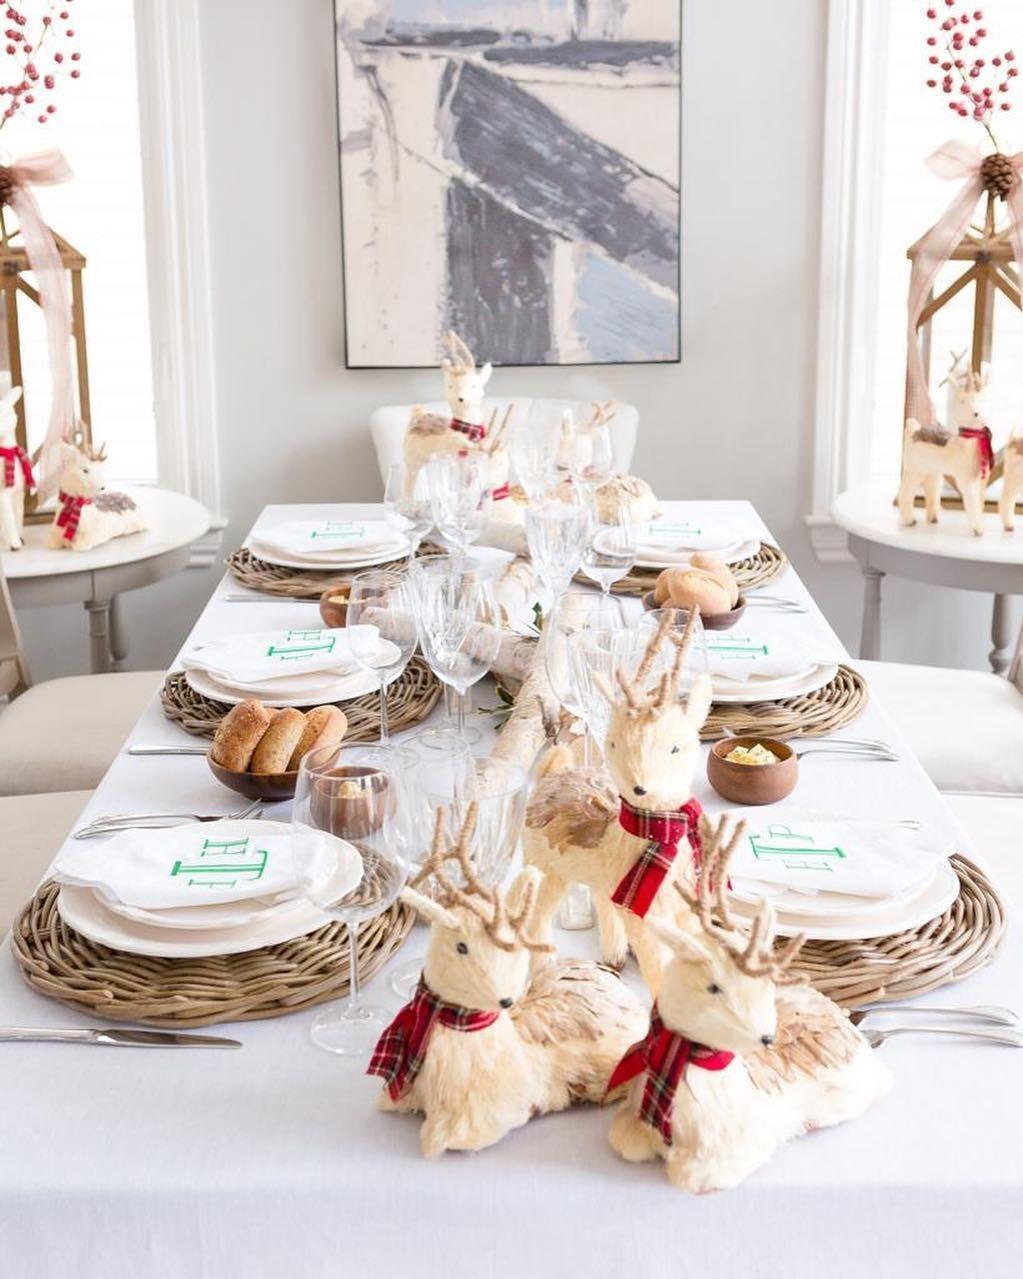 Decoração de natal para sala de jantar com jogo americano de palha.